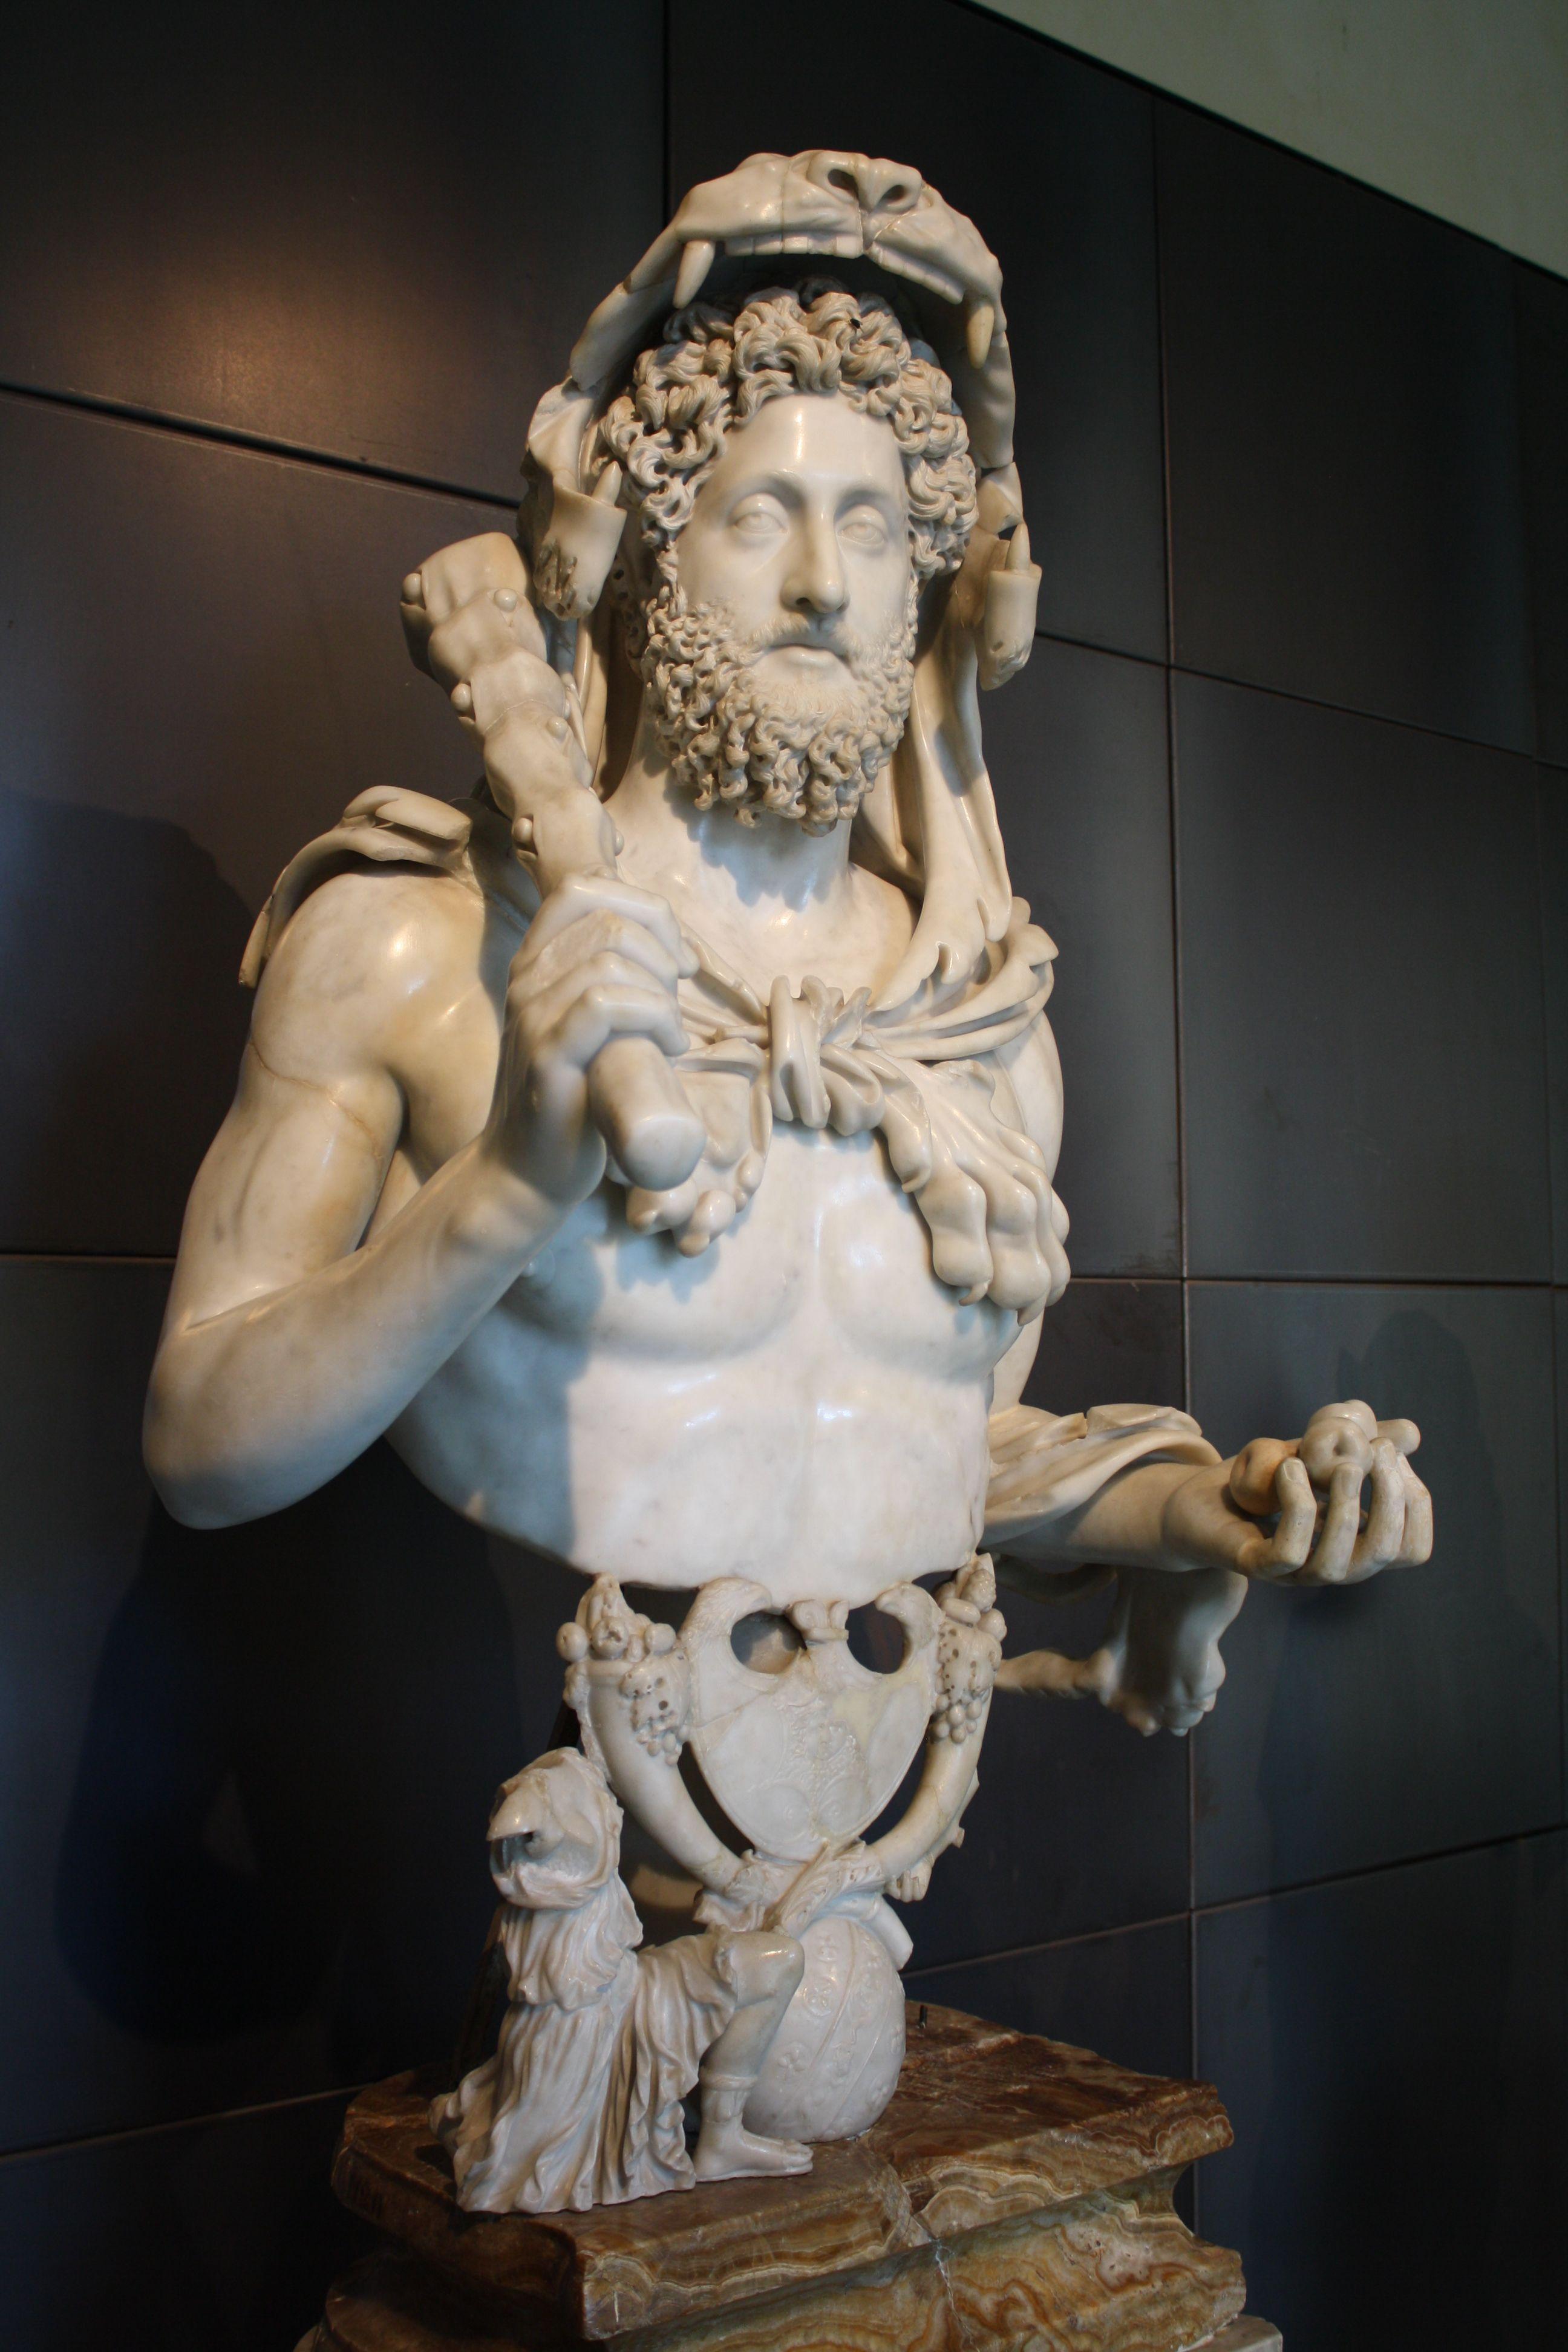 http://www.ancient.eu/uploads/images/1407.jpg?v=1431030740